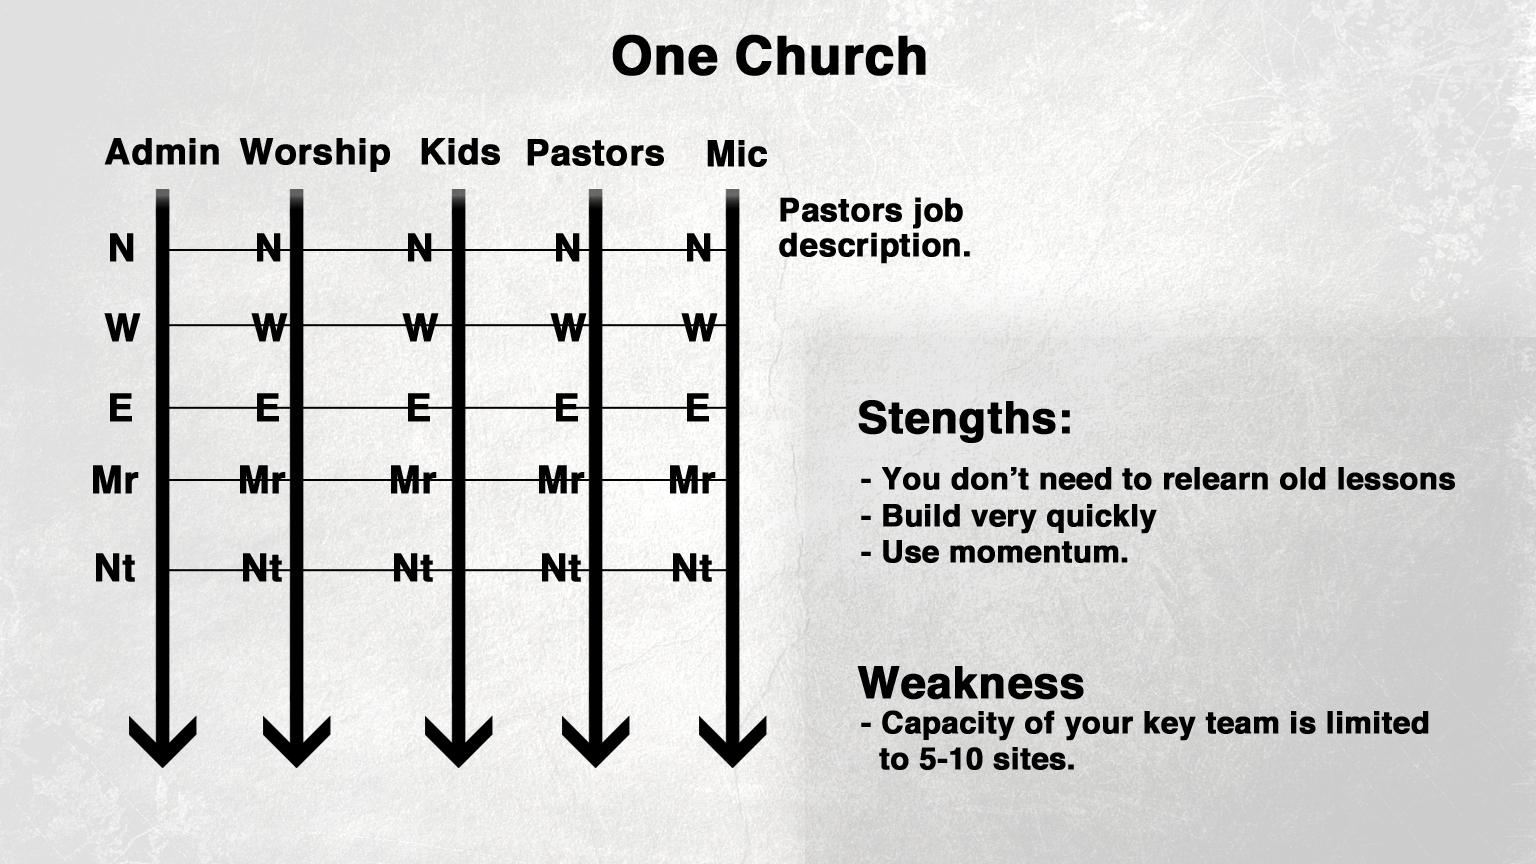 One Church